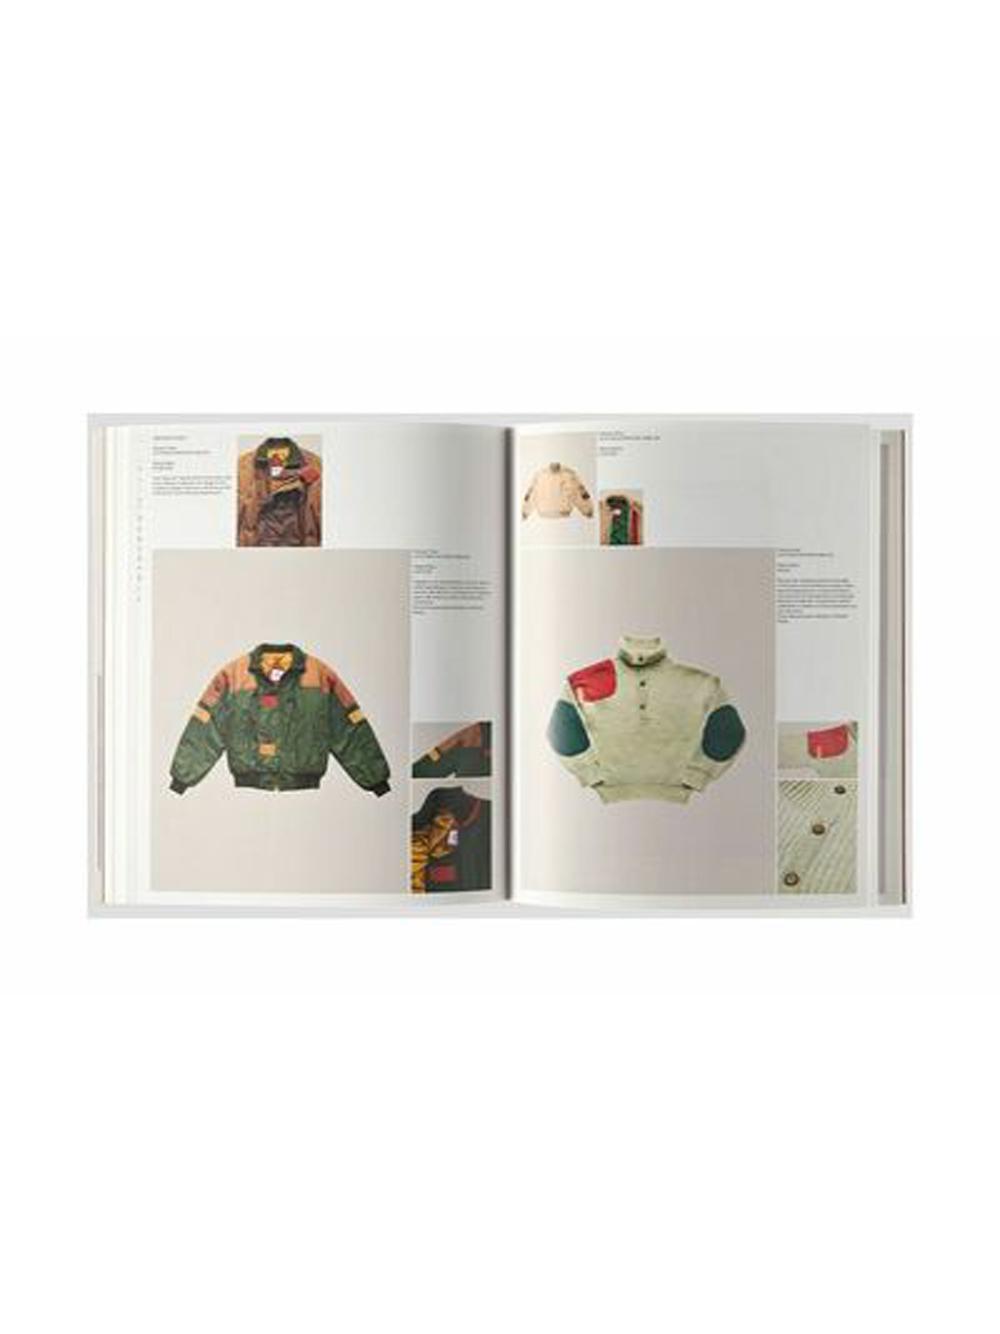 libro 50 anniversario C.P. COMPANY | Mixed | SCPPP002BOOK50TH000 000